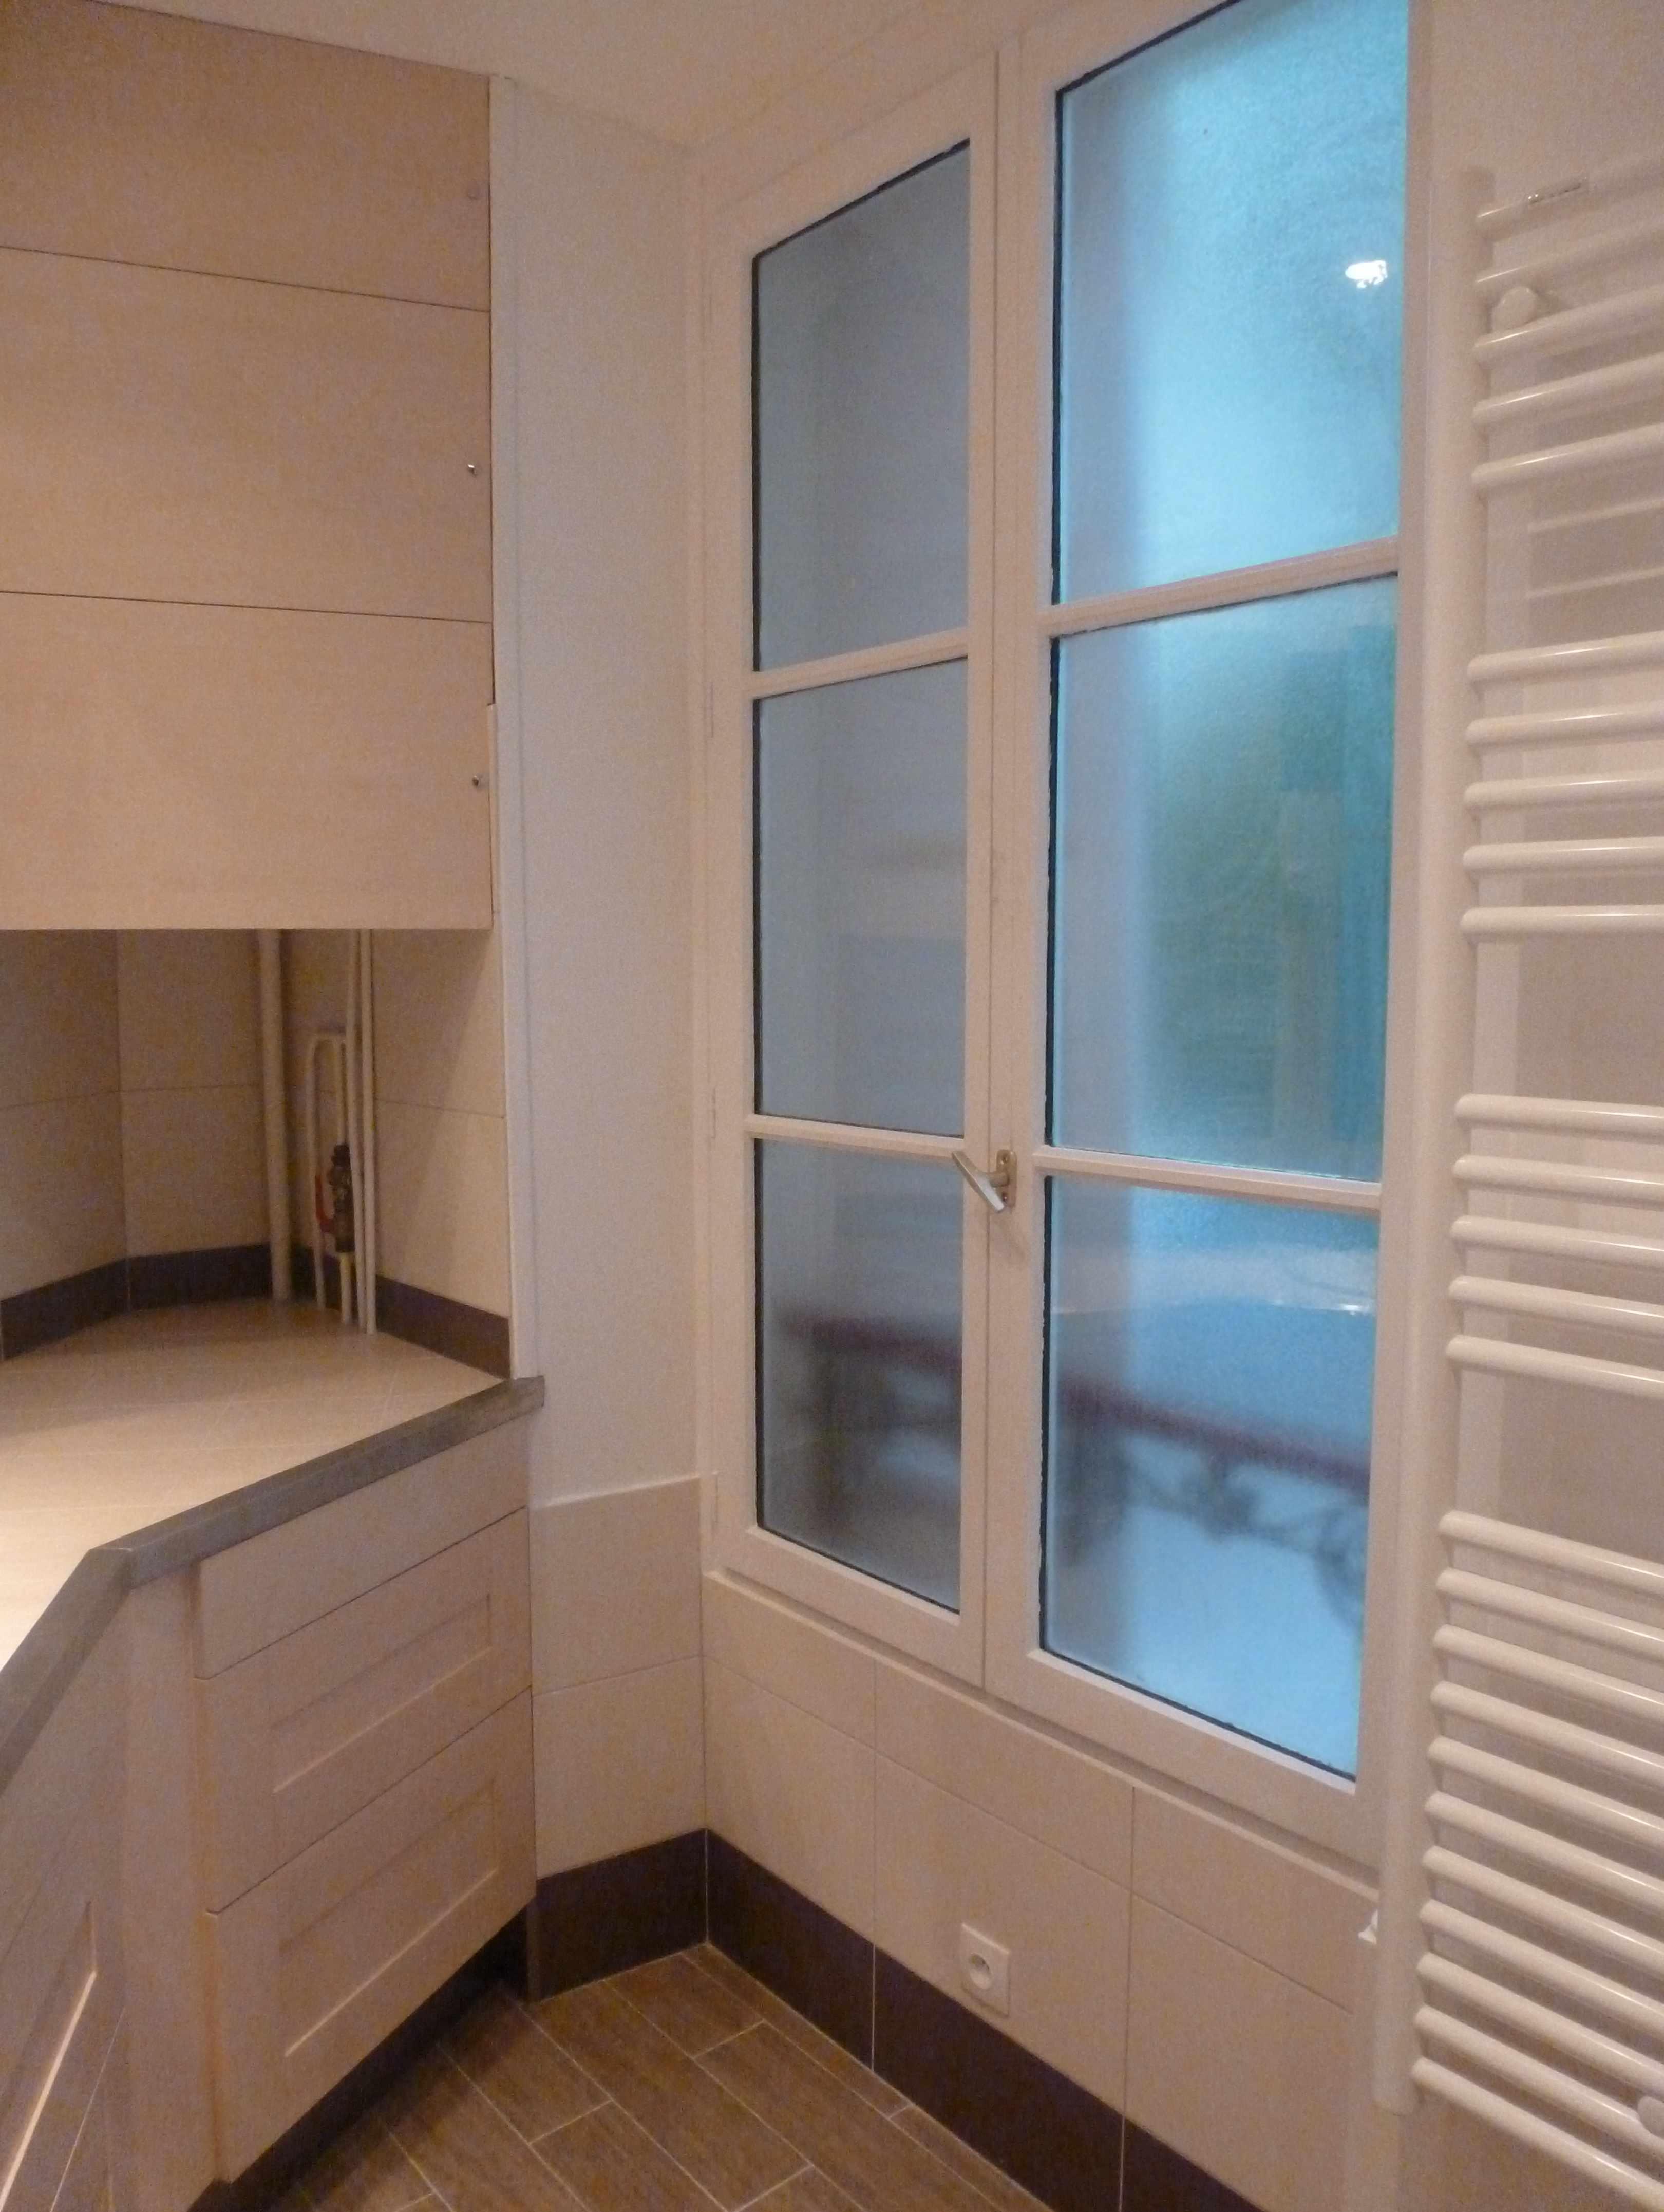 Salle de bain sol carrelage imitation parquet